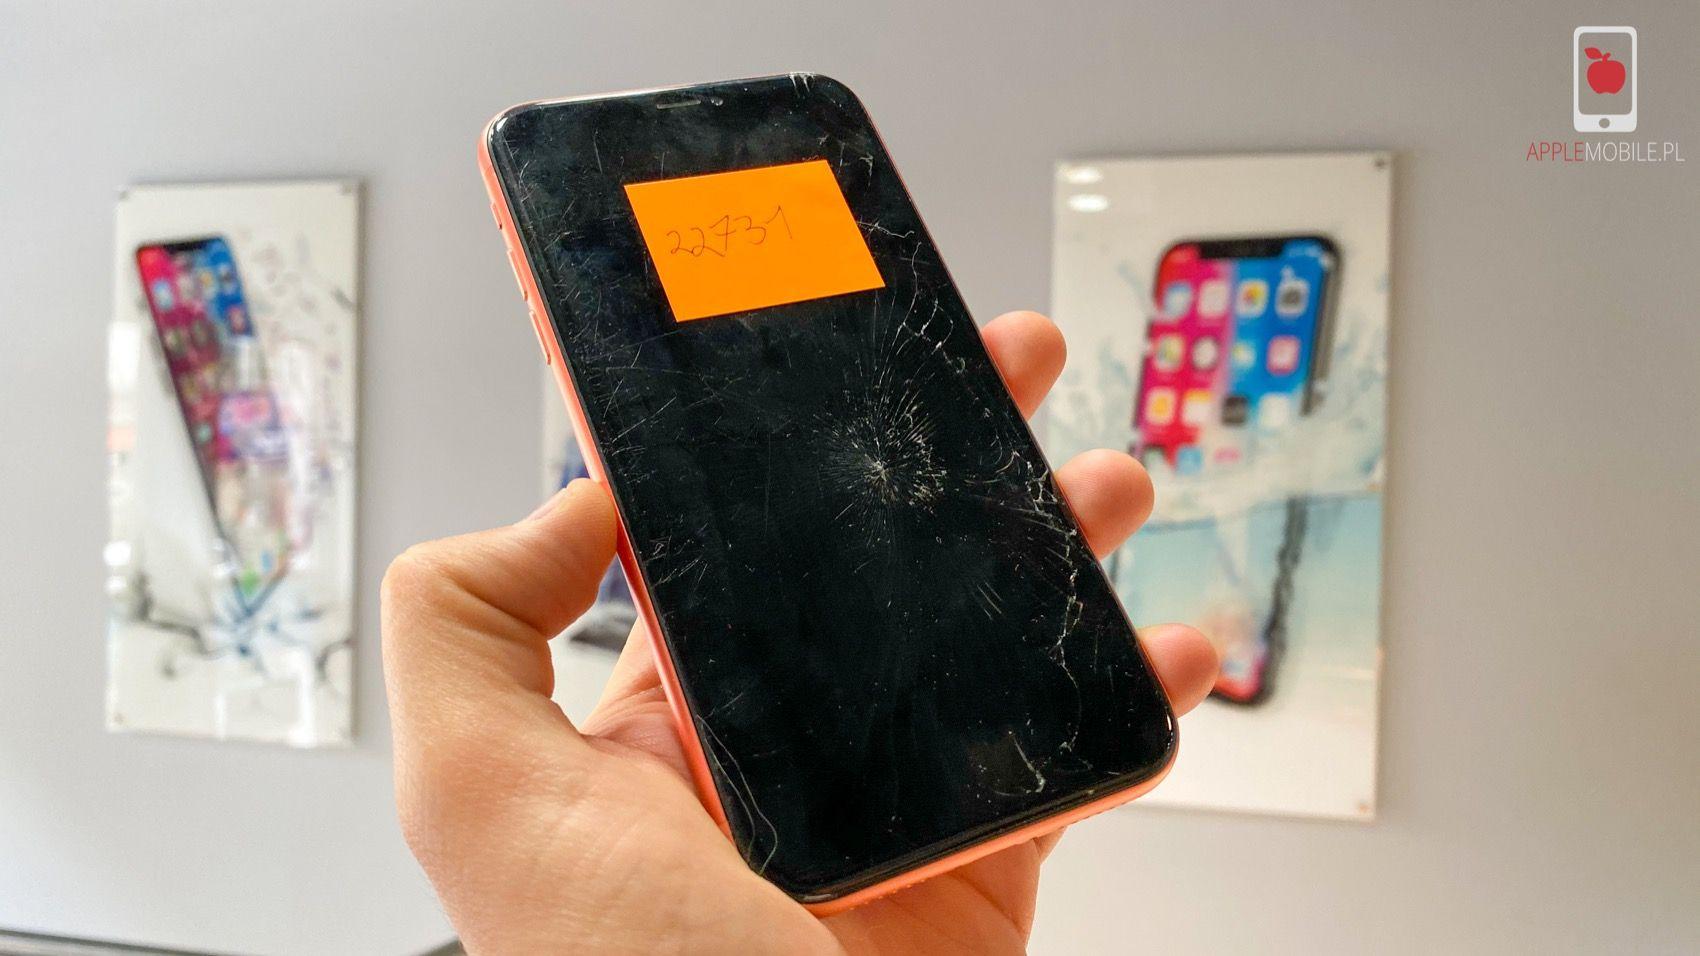 Wymiana szybki iPhone Xr i inne